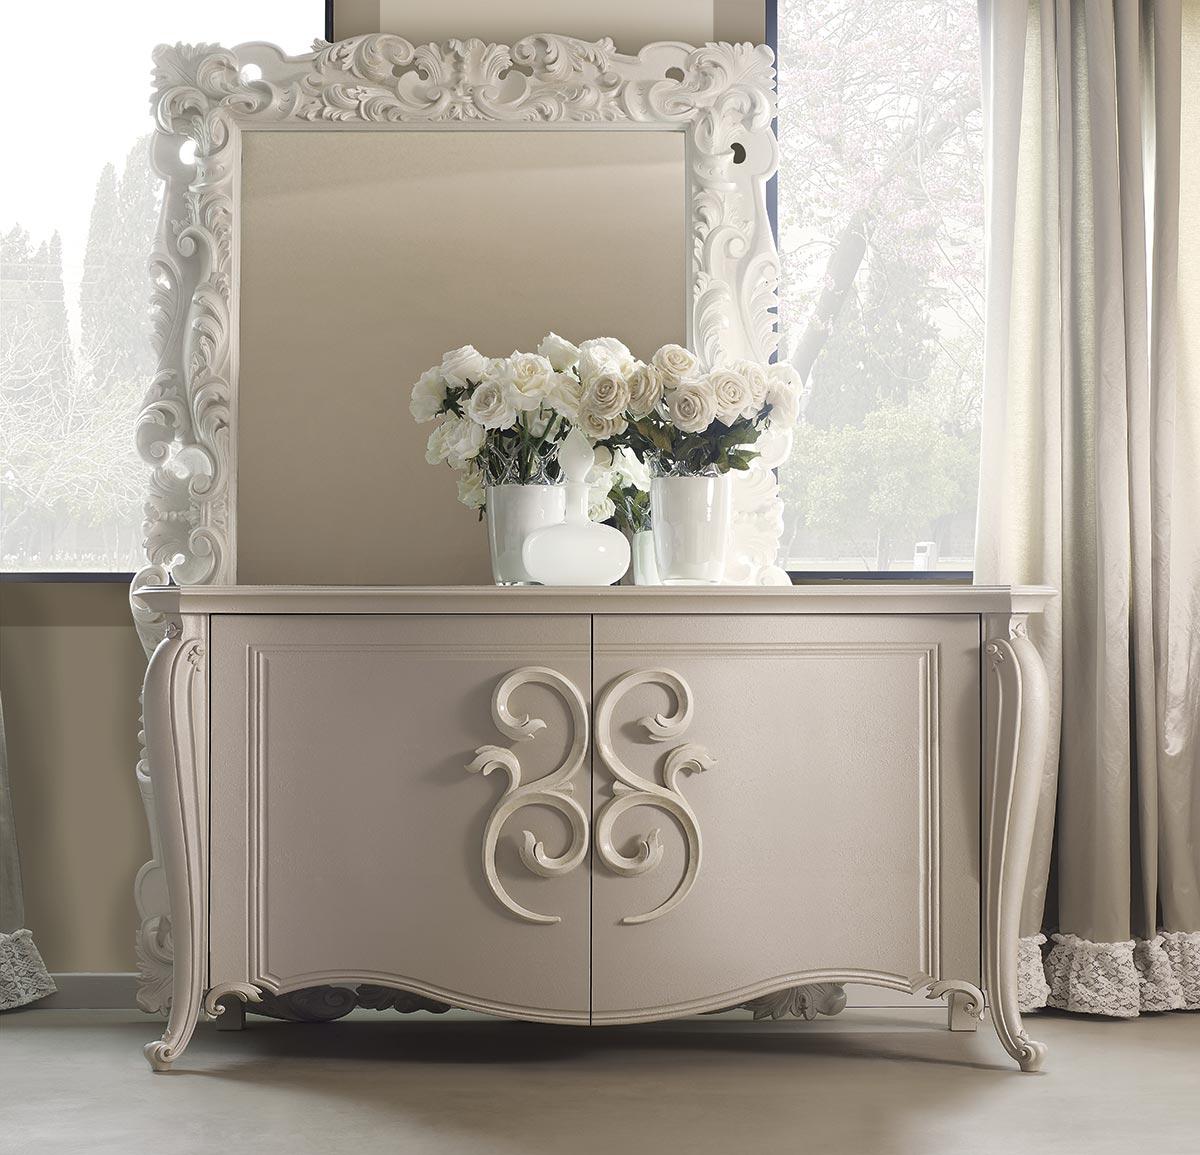 Credenze classiche per l 39 arredamento del soggiorno classico complementi di arredo classici di - Complementi d arredo soggiorno ...